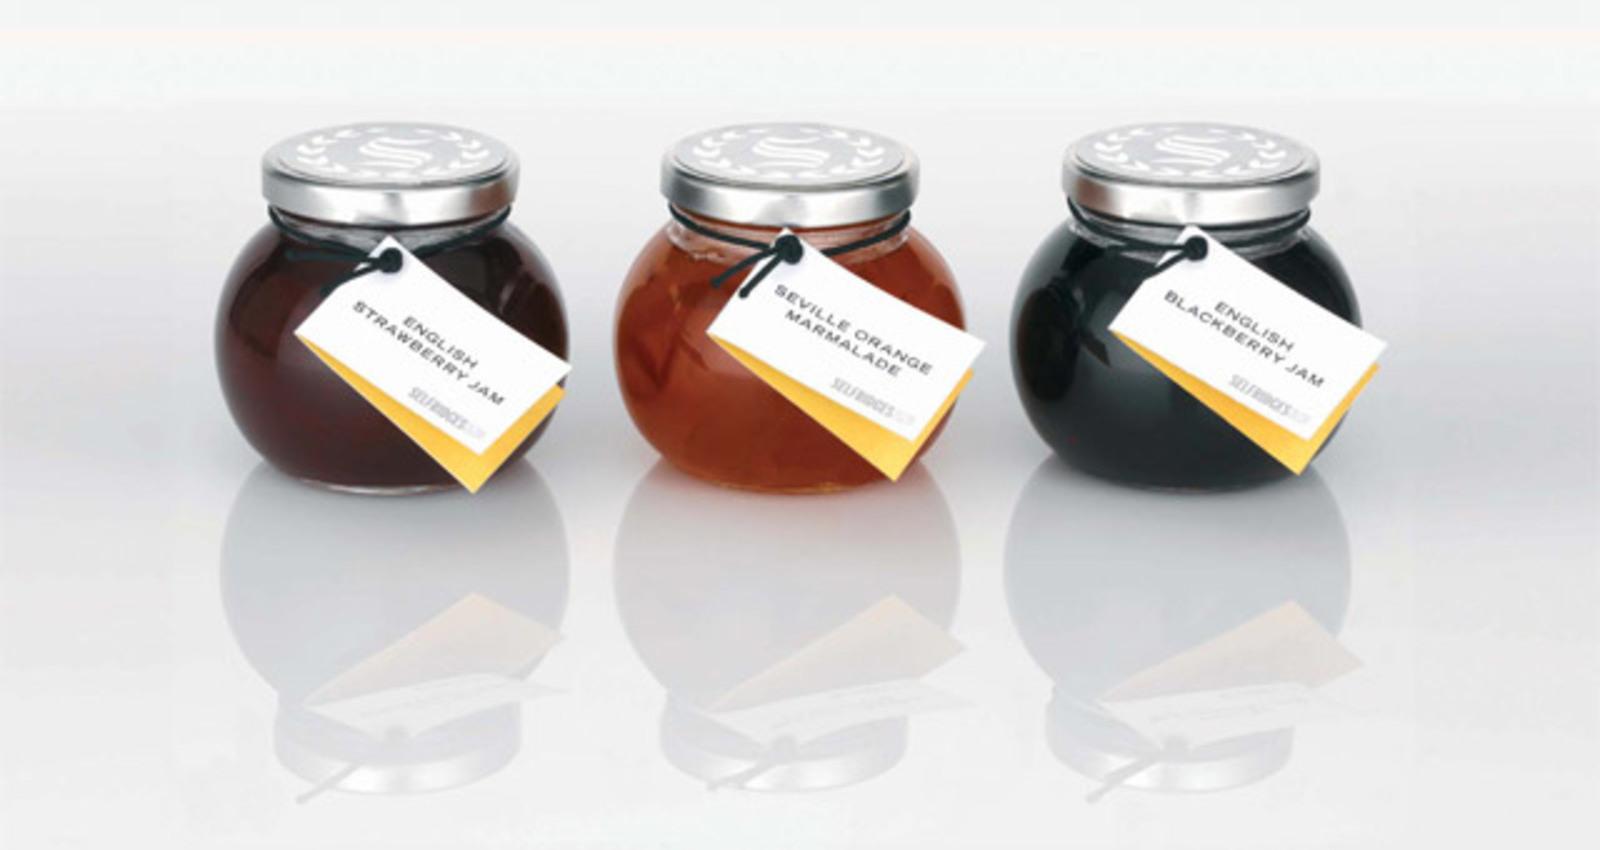 Selfridges Brand Packaging